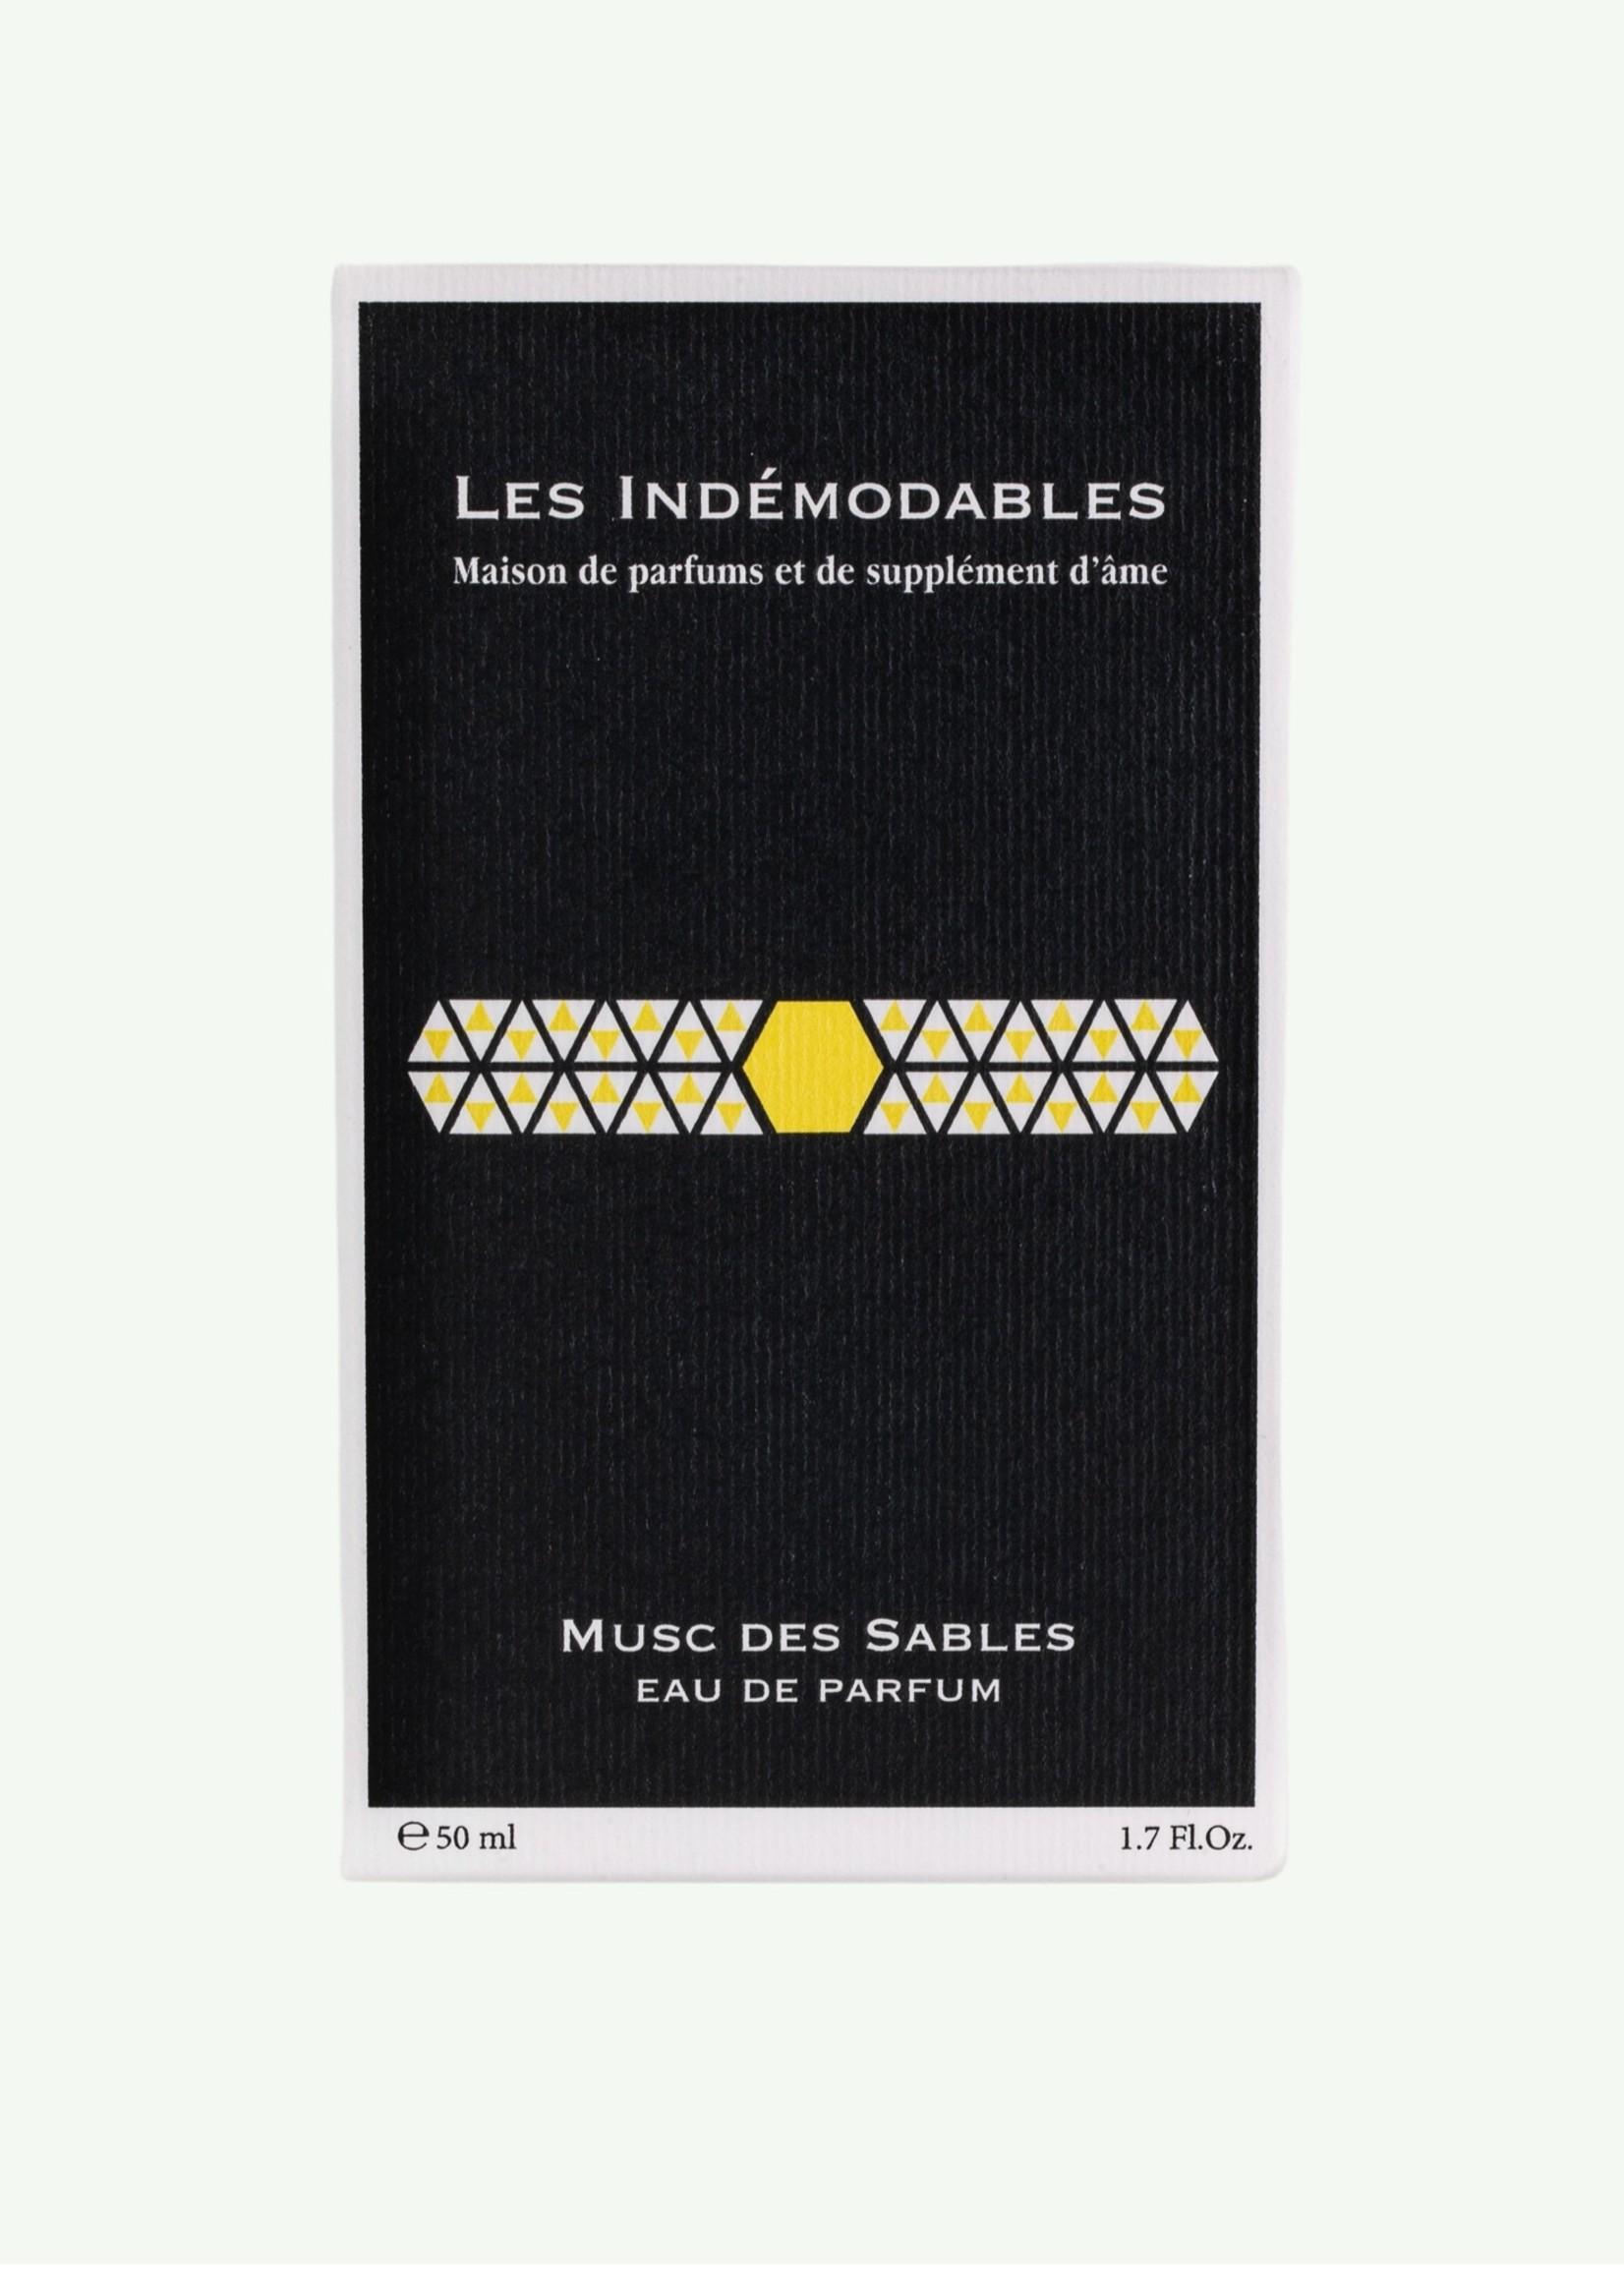 Les Indémodables Les Indémodables - Musc des Sables - Eau de Parfum